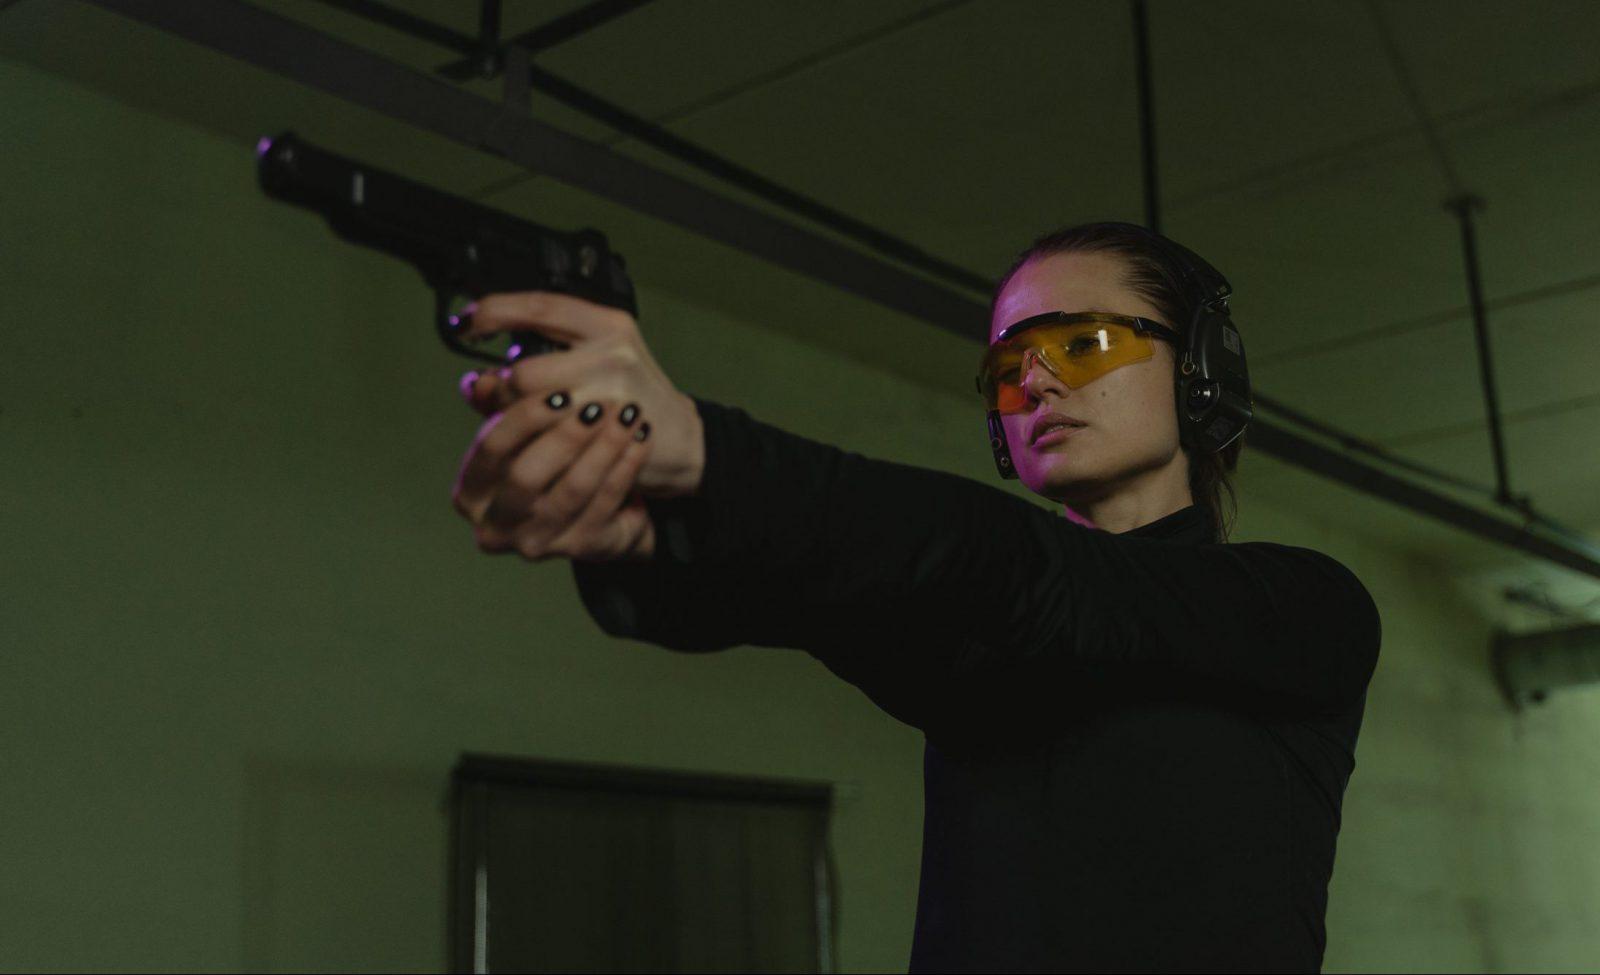 Мастер-класс стрельбы из травматического пистолета